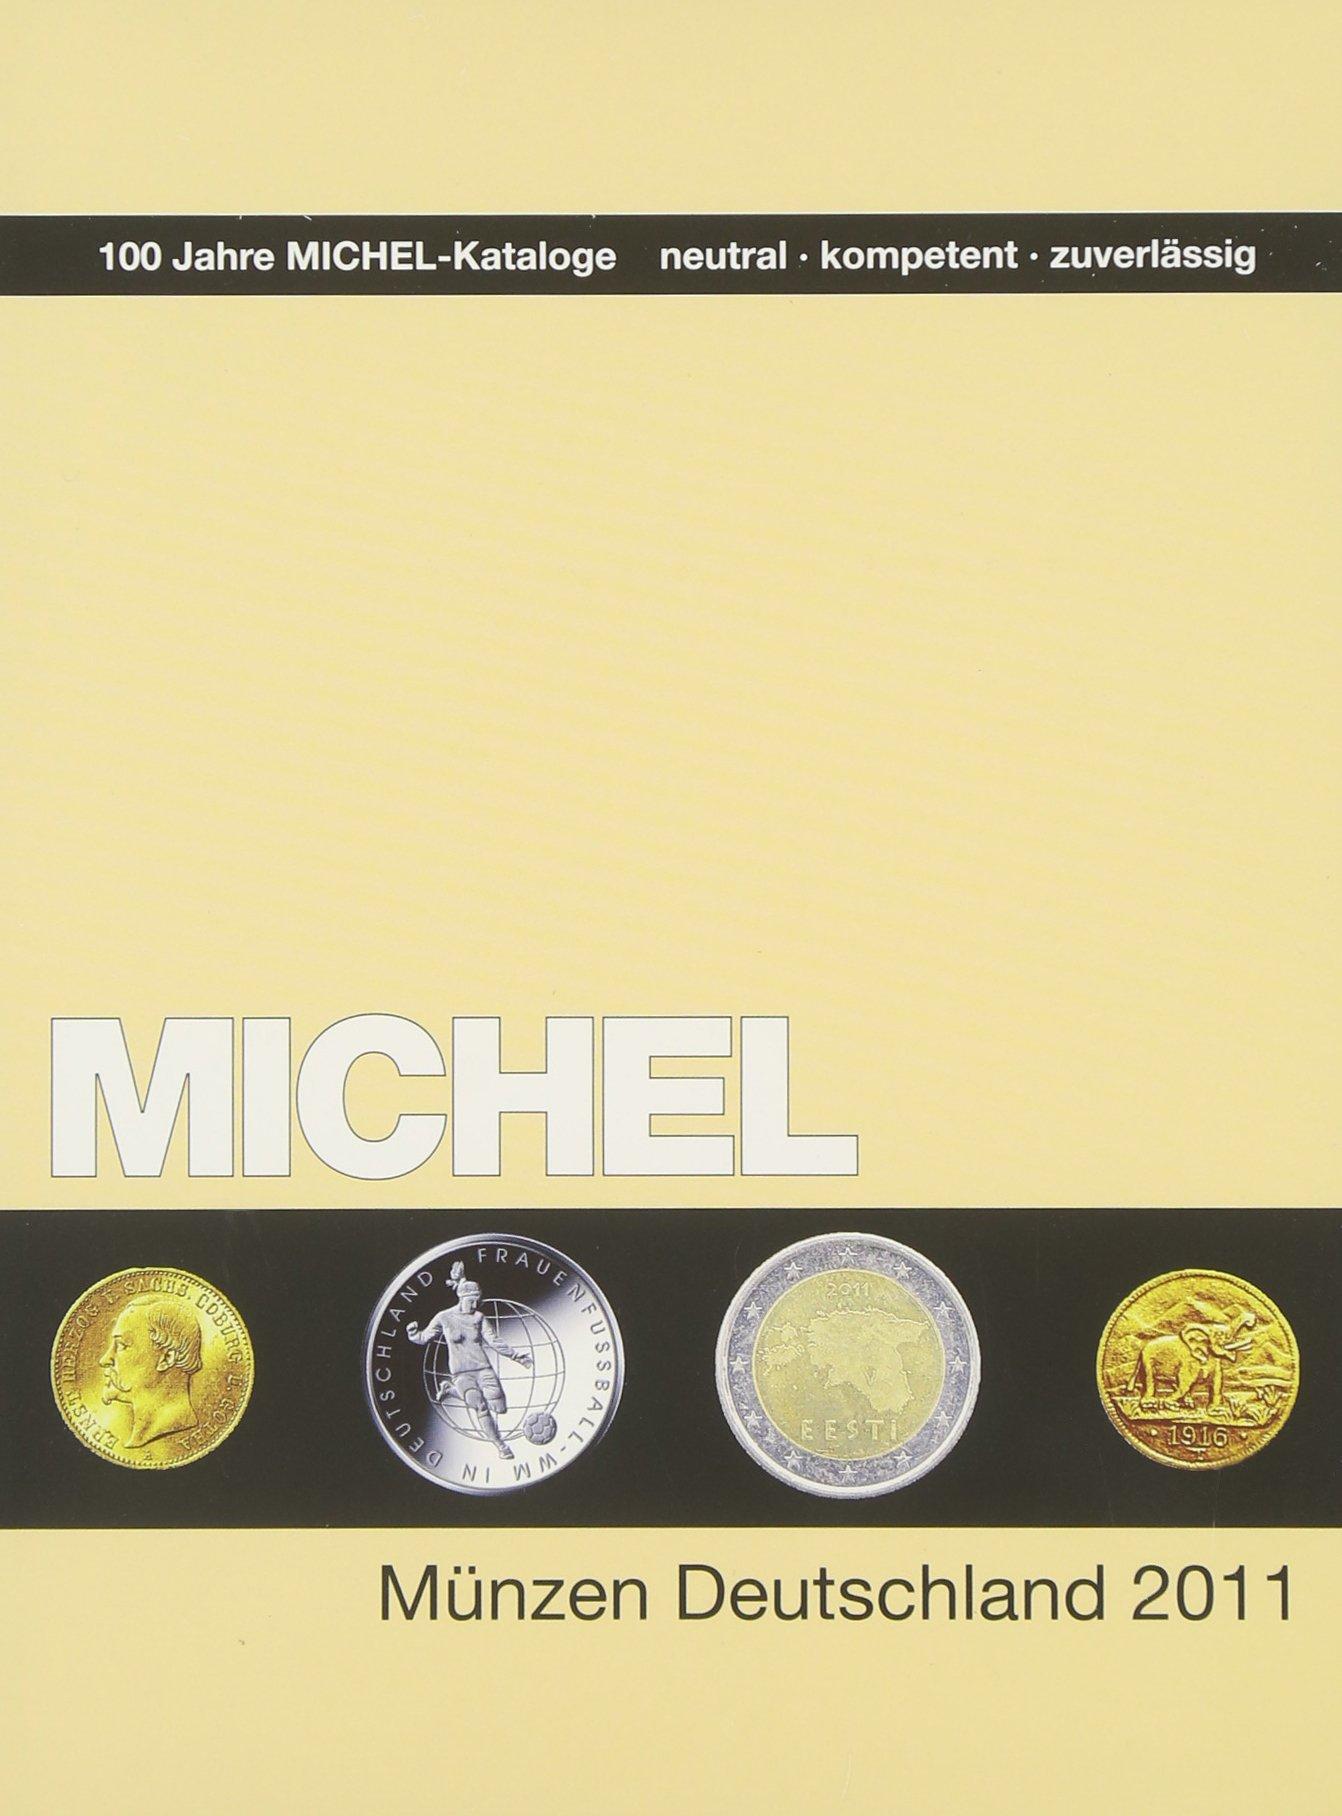 MICHEL-Münzen-Katalog Deutschland 2011